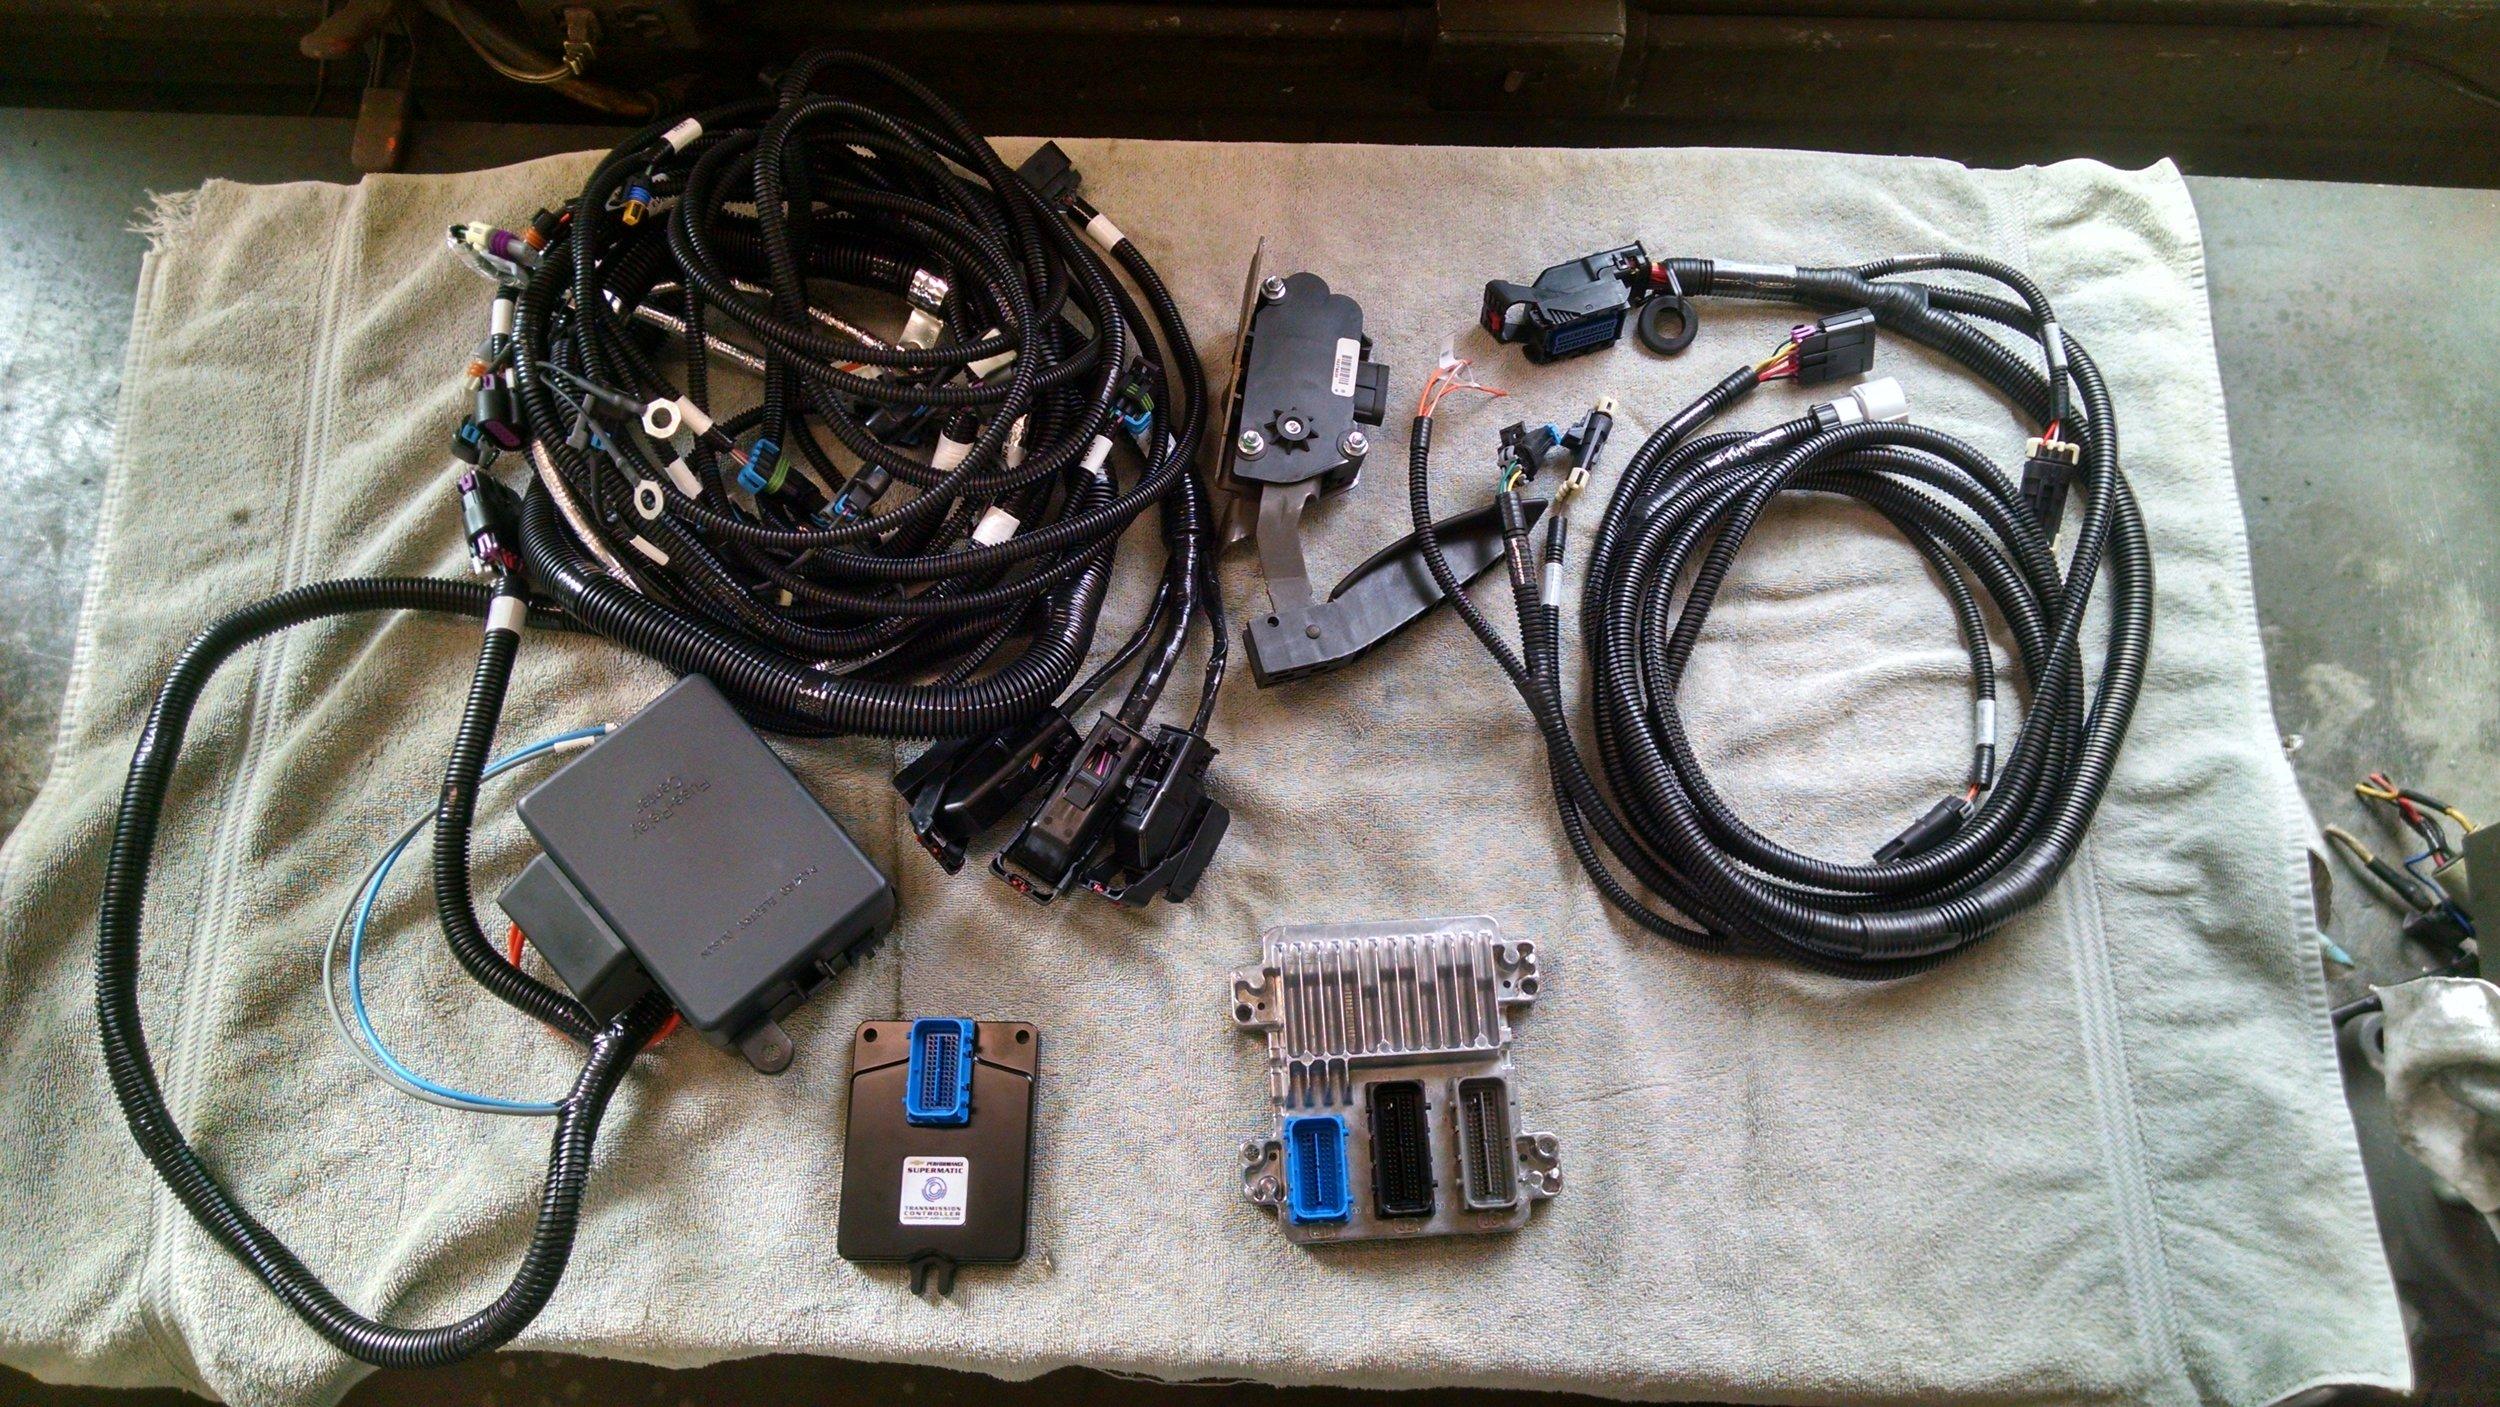 LS3/4L65E harness and ECUs